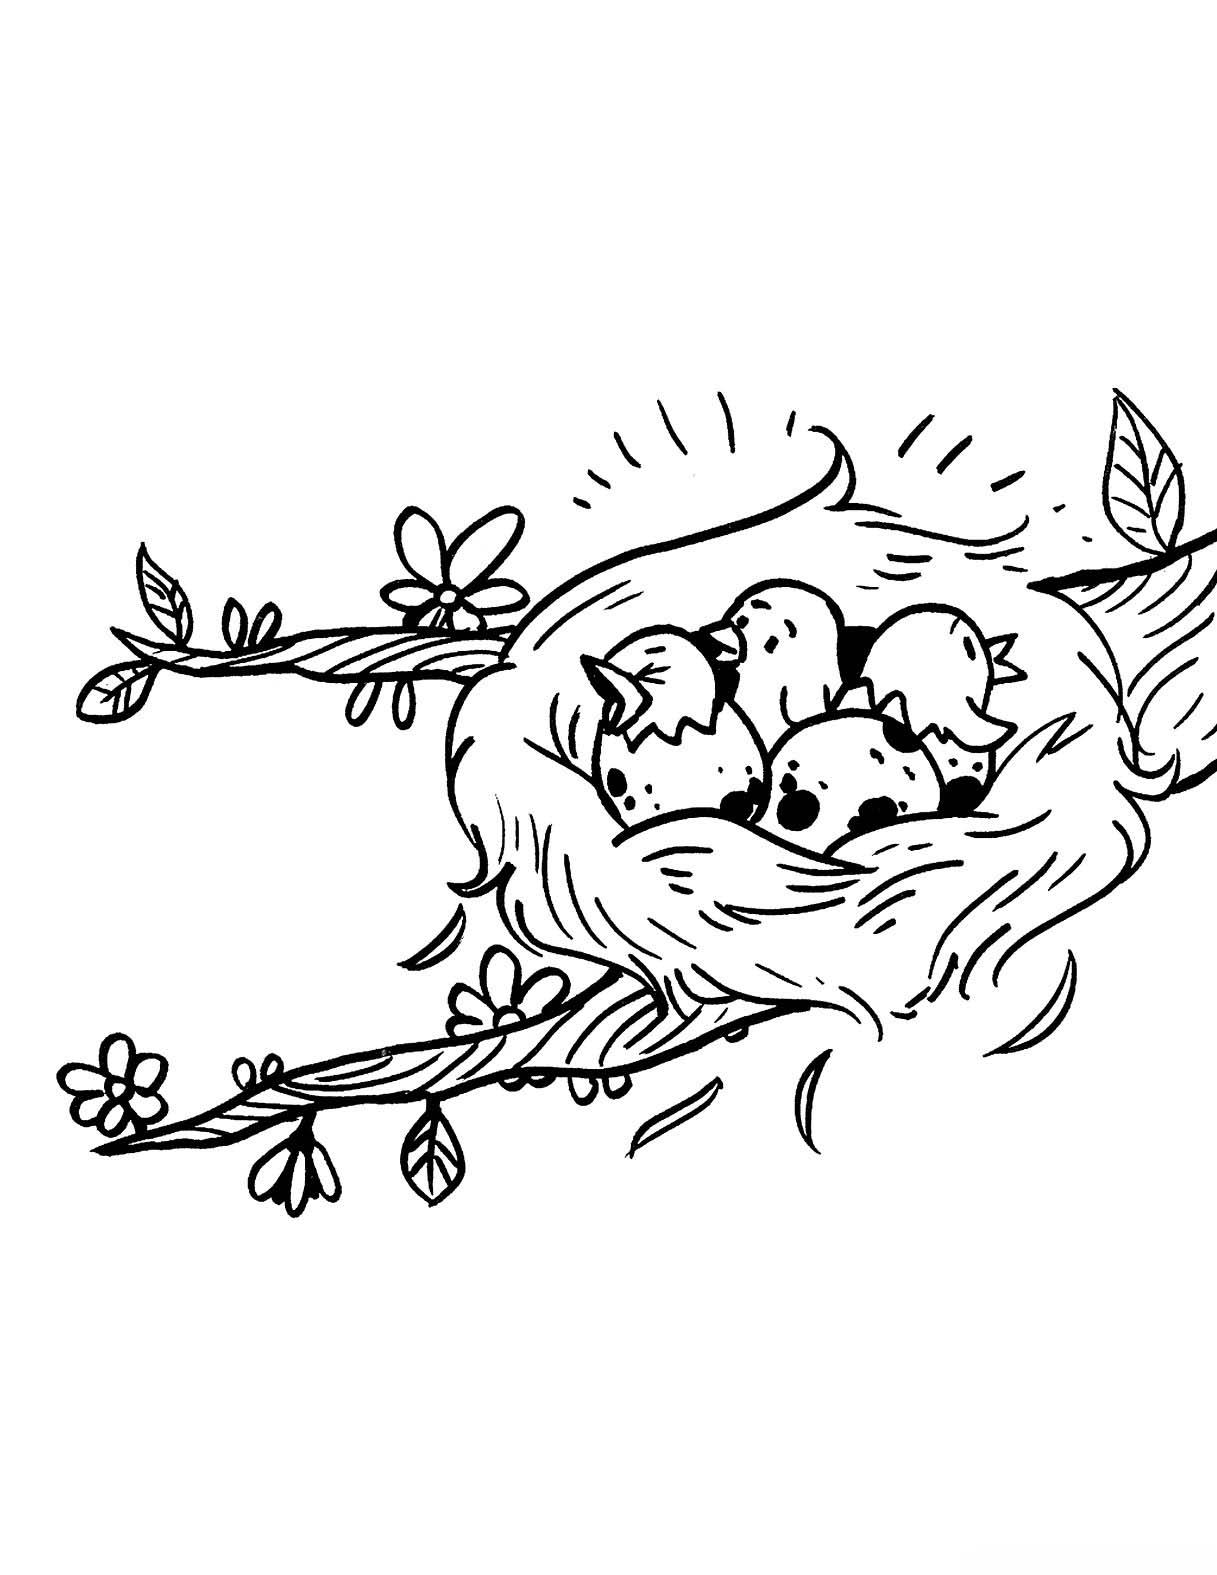 desenho de filhotes de passarinho no ninho para colorir tudodesenhos